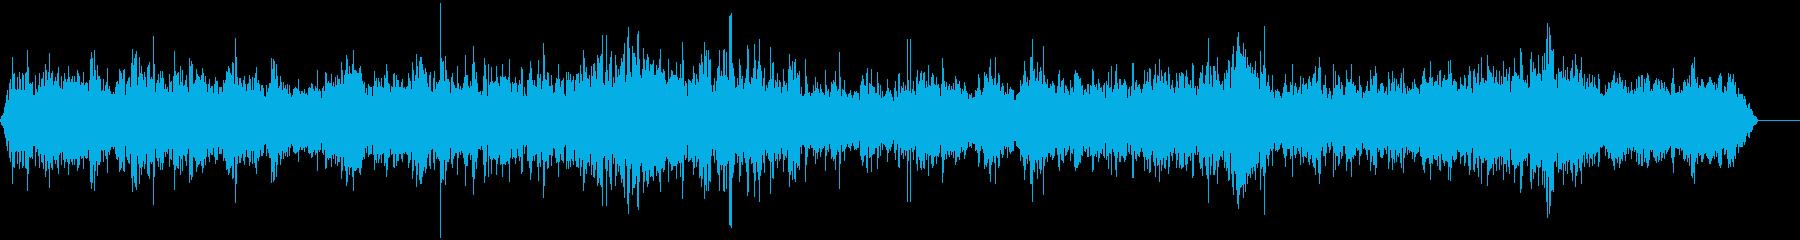 屋外カフェバー2の再生済みの波形